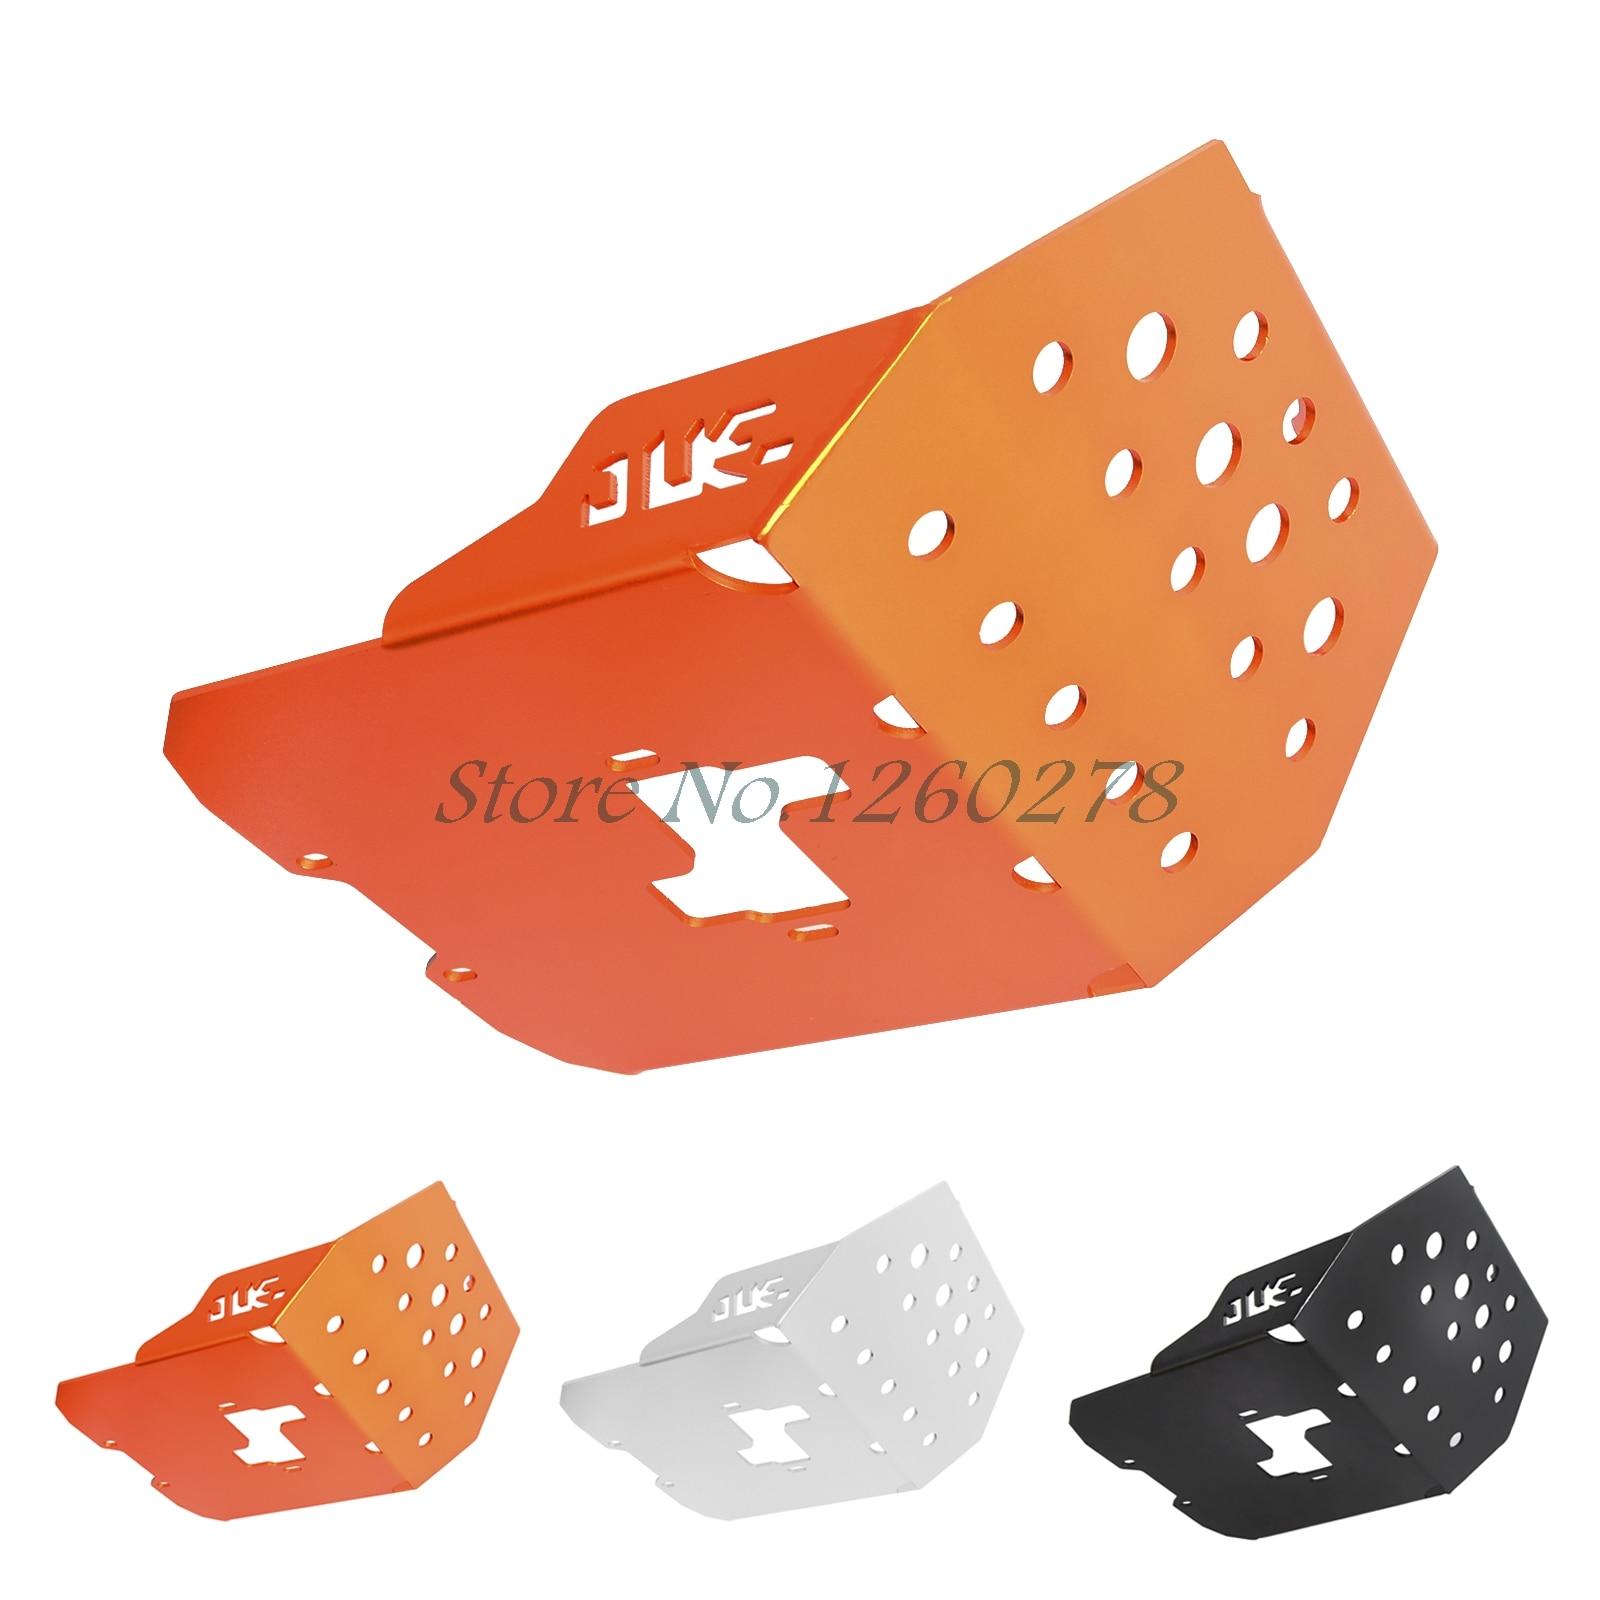 Motorcycle Glide Plate Skid Plate Engine Protection For KTM Duke 250 2015 -2016 390 2013 2014 2015 2016 motorcycle crash bar frame engine protection guard bumper for ktm 390 duke 2013 2014 2015 2016 motorcycle bumpers black orange